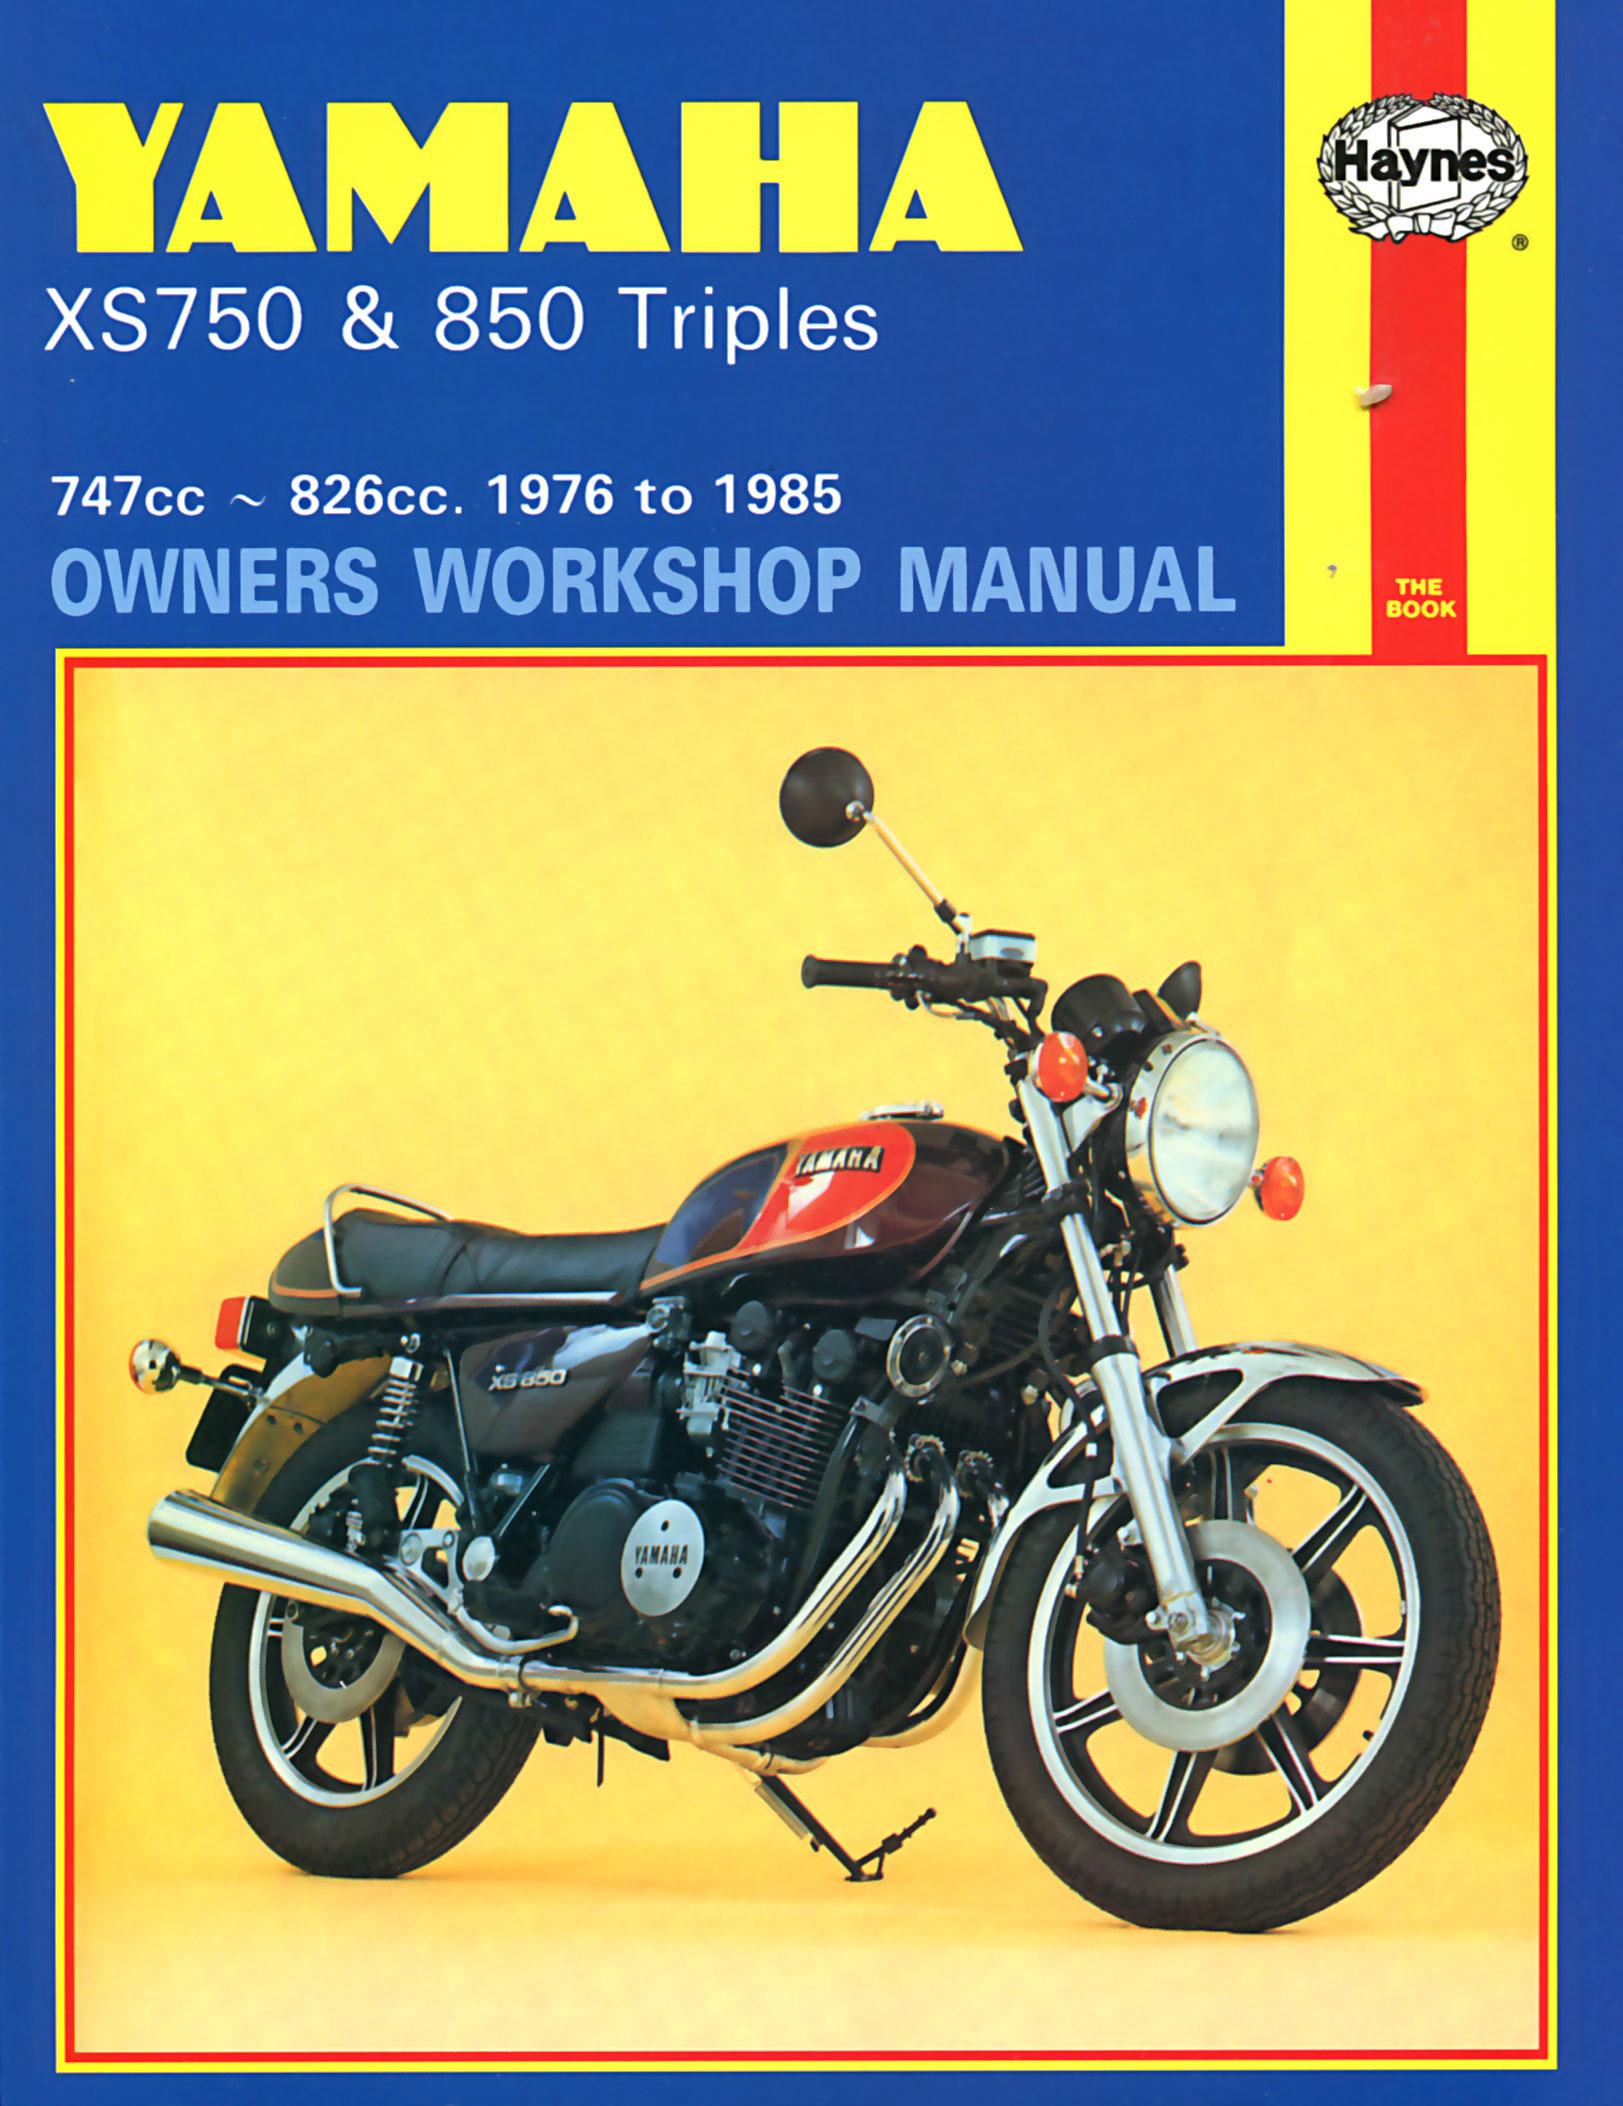 HAYNES Repair Manual - Yamaha XS750 and XS850 Triples (1976-1981)